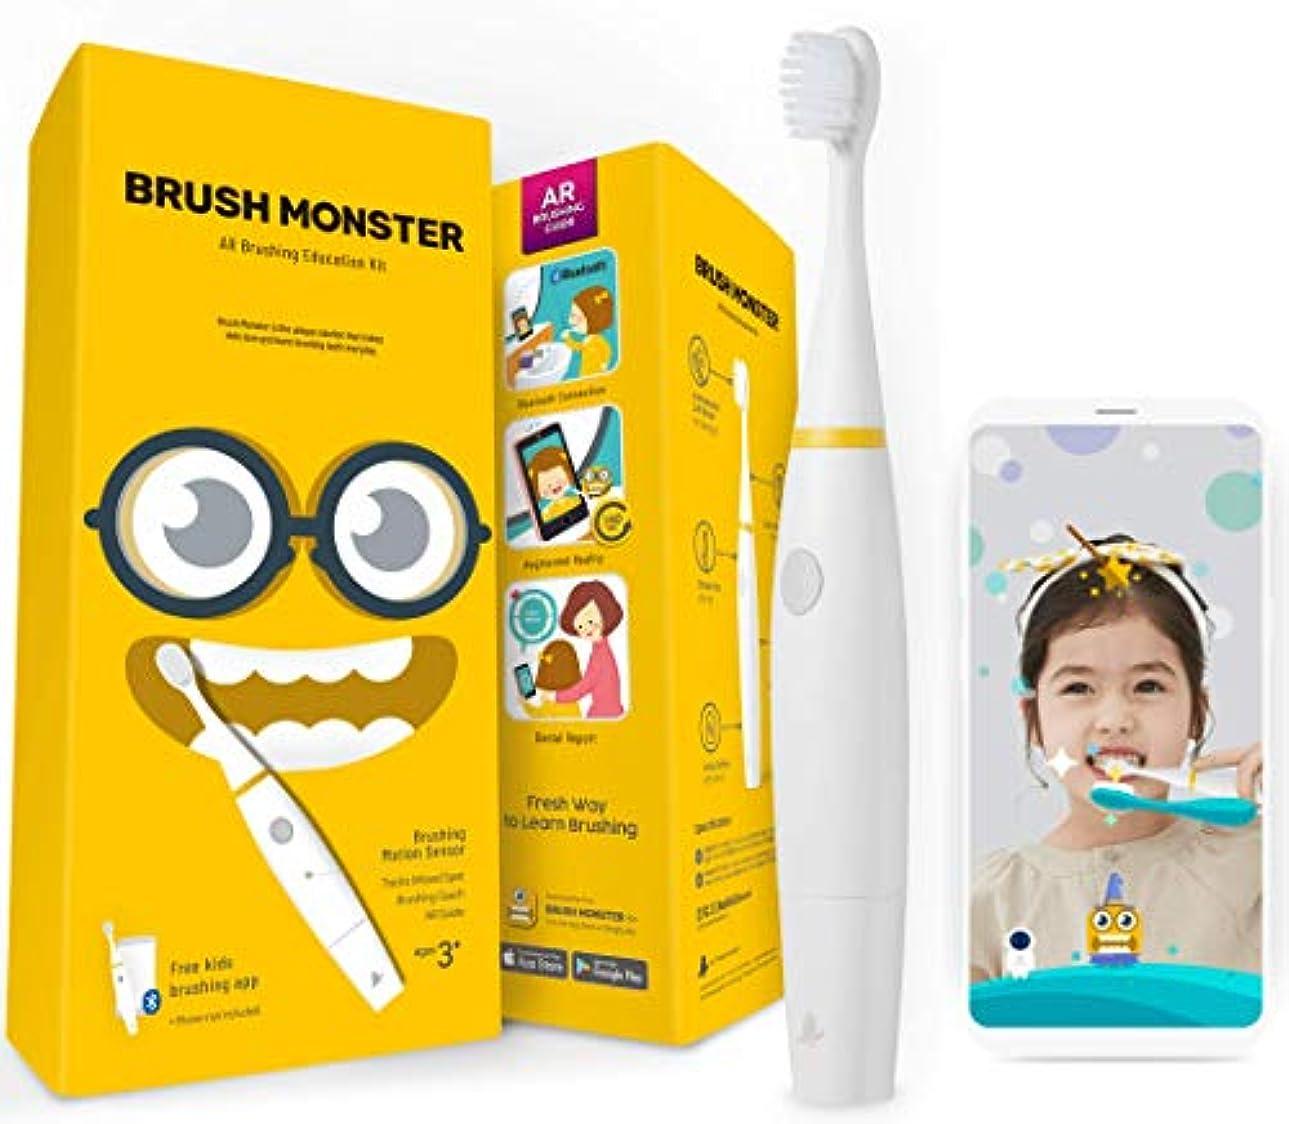 抹消送料面積BRUSH MONSTER ブラッシュモンスターキッズ 子供用スマートトラッキング電動歯ブラシ AR(拡張現実)搭載 歯育アプリ連動 BMT100 (本体ホワイト)